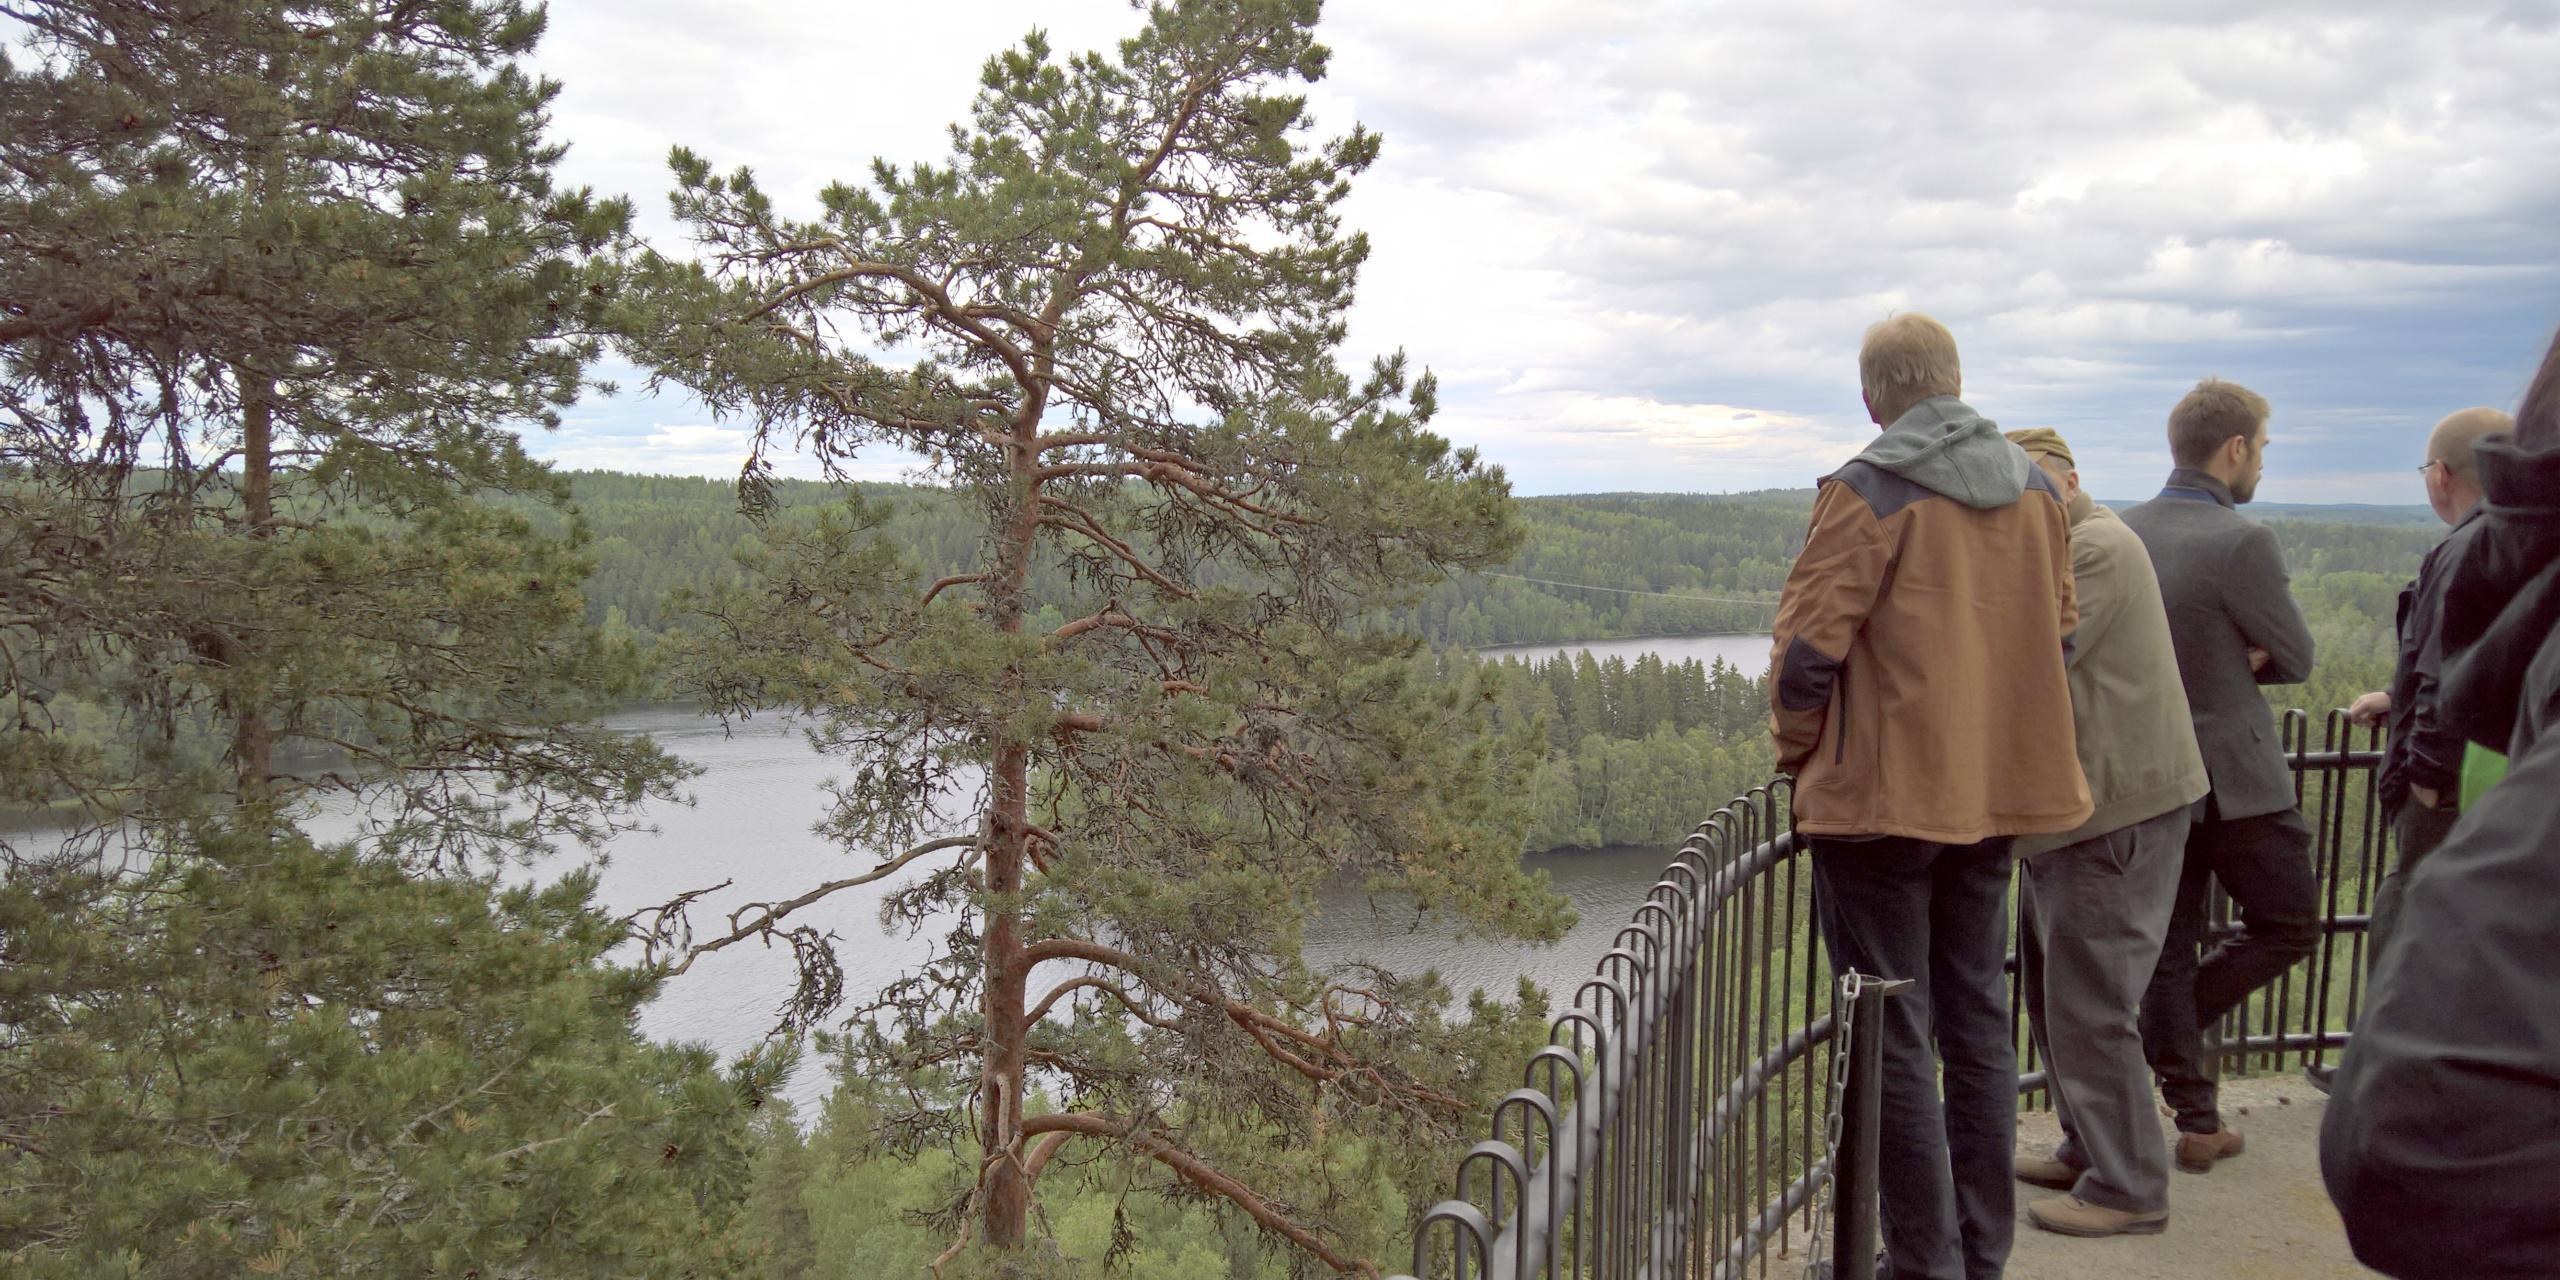 Etualla ihmisiä Aulangon näkötornin juuressa olevalla maisemankatselupaikalla. Taustalla Aulangonjärvi, Lusikkaniemi ja rikkumaton metsämaisema Sibeliuksen metsän luonnonsuojelualueesta.